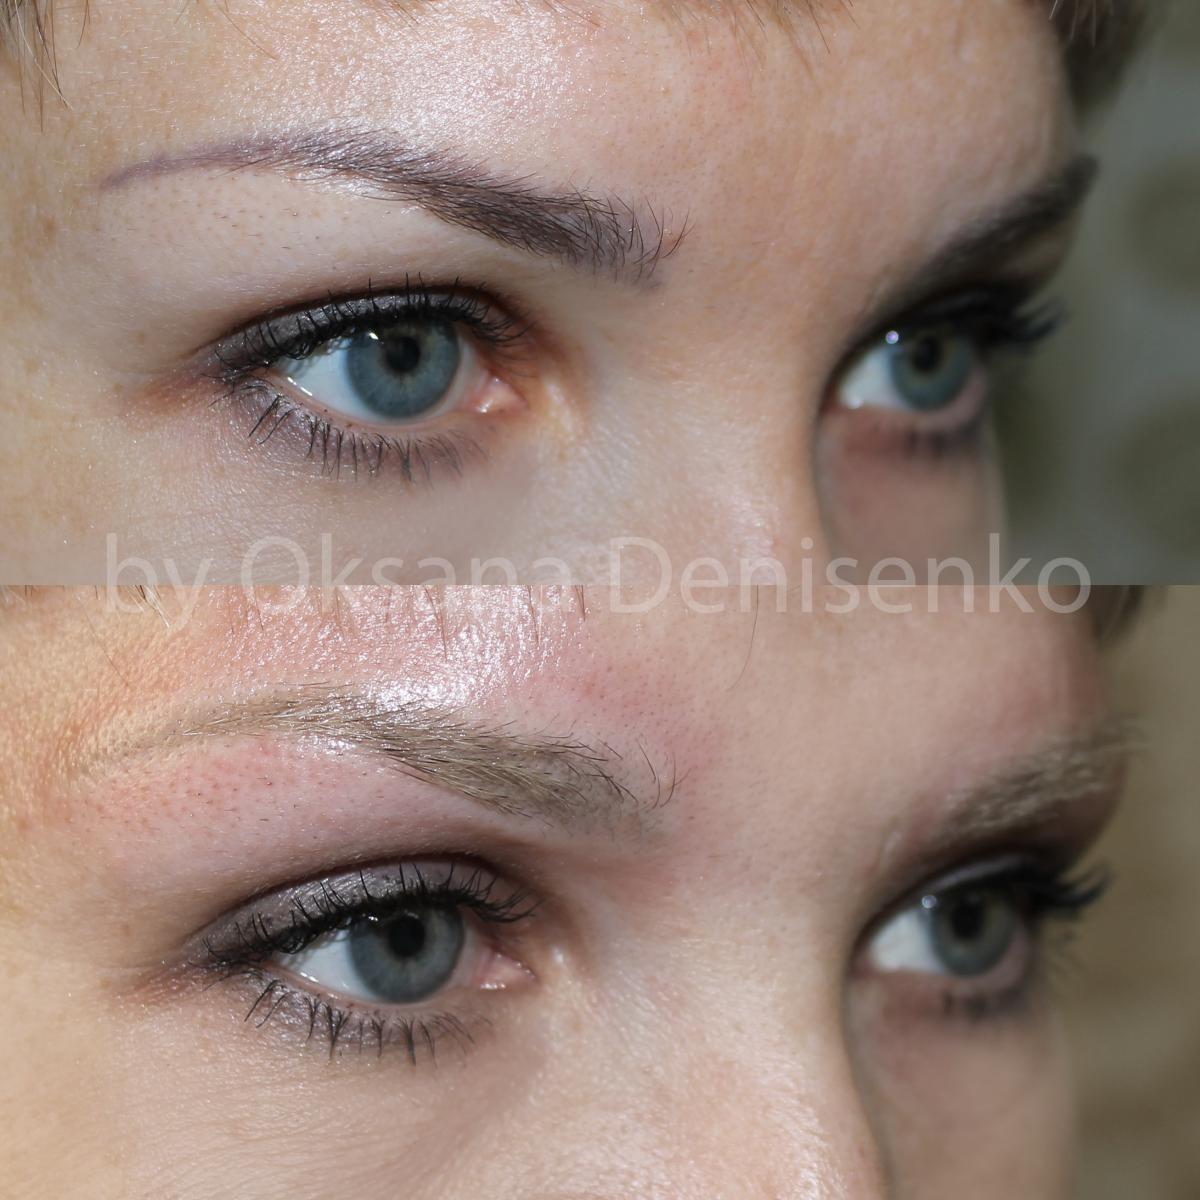 Удаление лазером перманентного макияжа фото